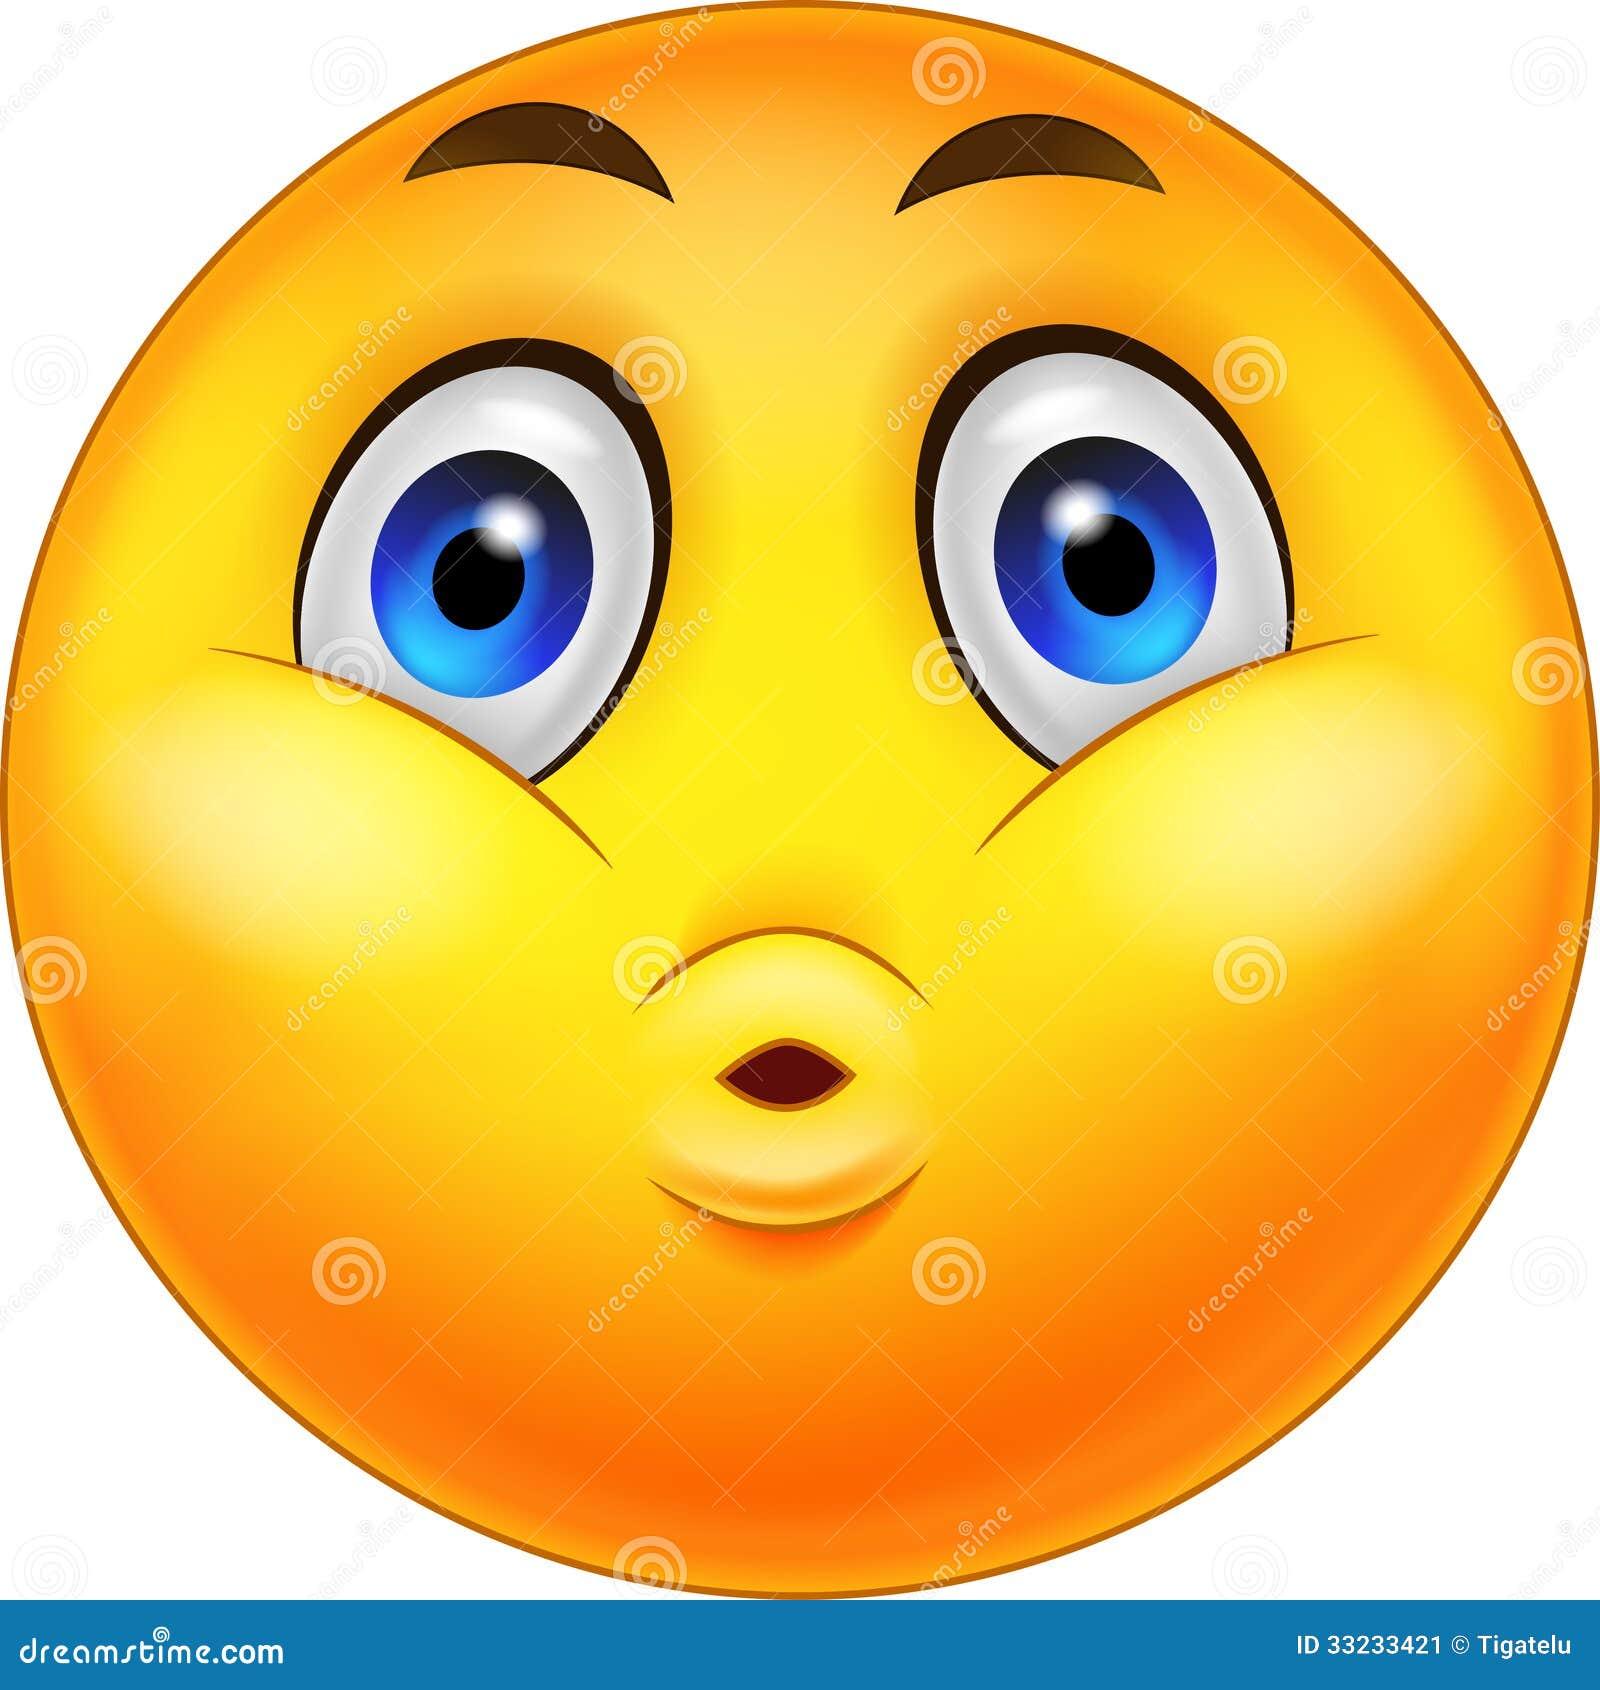 مكتبة ابتسامات و إكسسوارات للمواضيع و المشاركات- حصريا على منتدى واحة الإسلام Smiley-emoticon-cartoon-surprise-expression-illustration-33233421